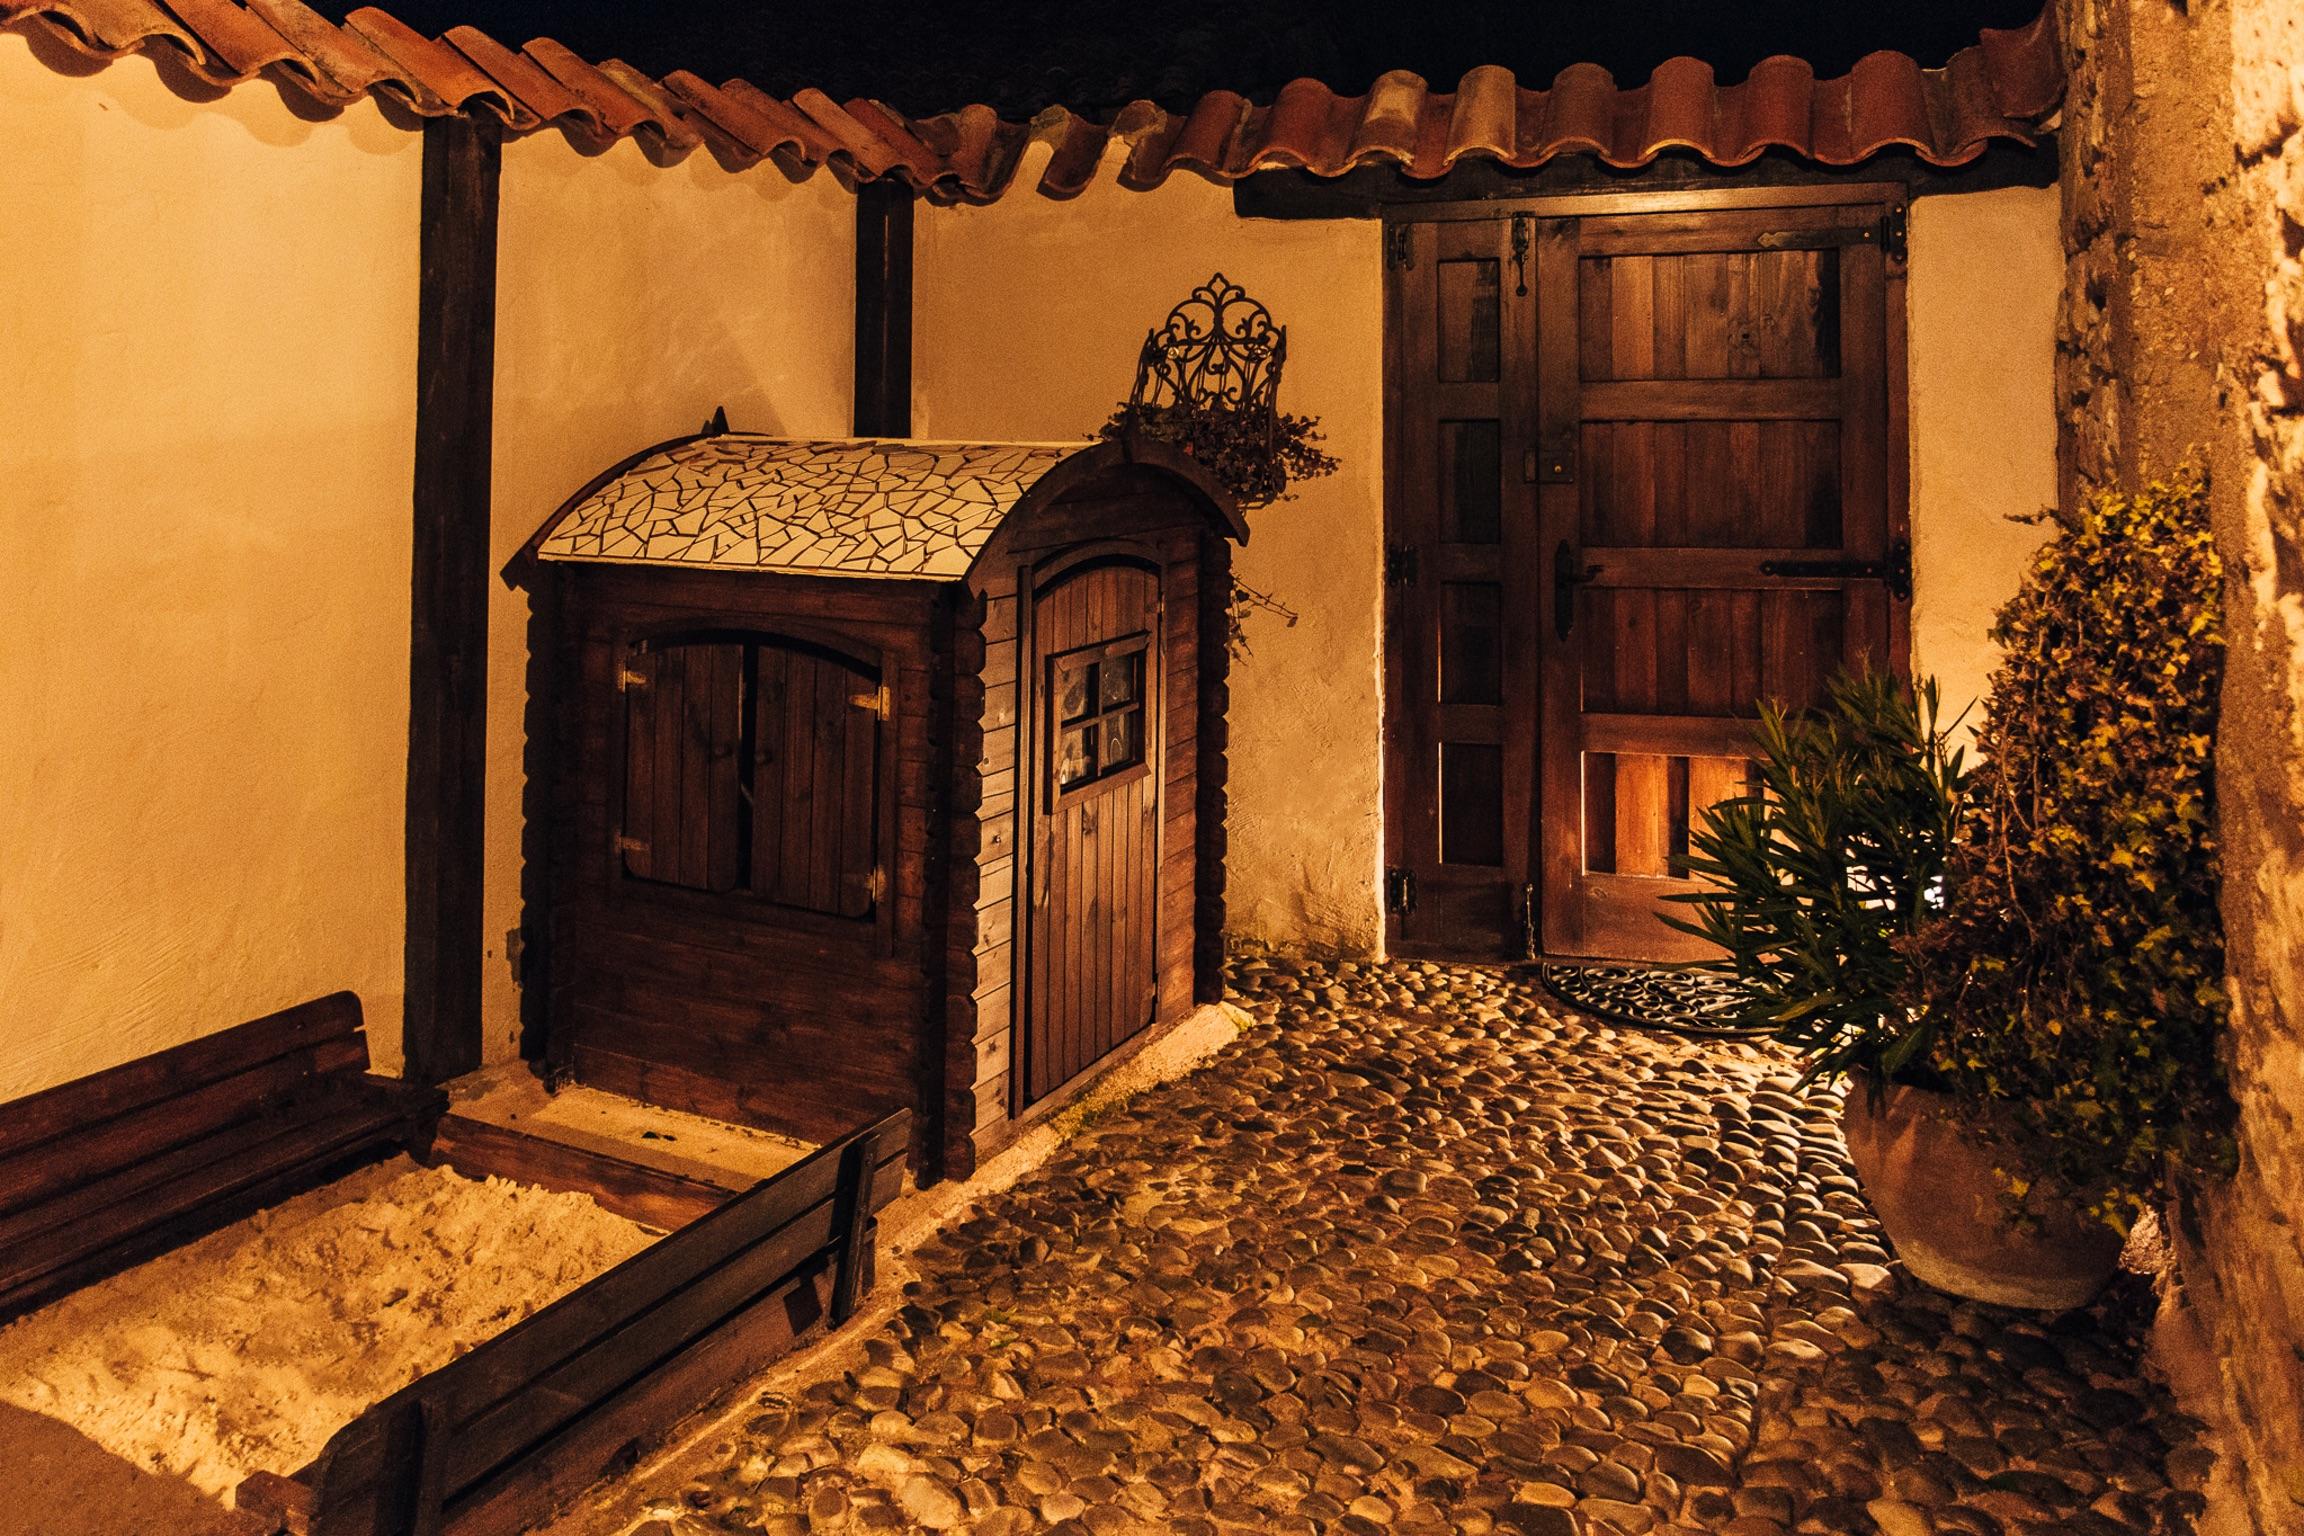 Ferienhaus Haus mit 5 Zimmern in Fuenteodra mit toller Aussicht auf die Berge, eingezäuntem Garten un (2211142), Fuenteodra, Burgos, Kastilien-León, Spanien, Bild 40